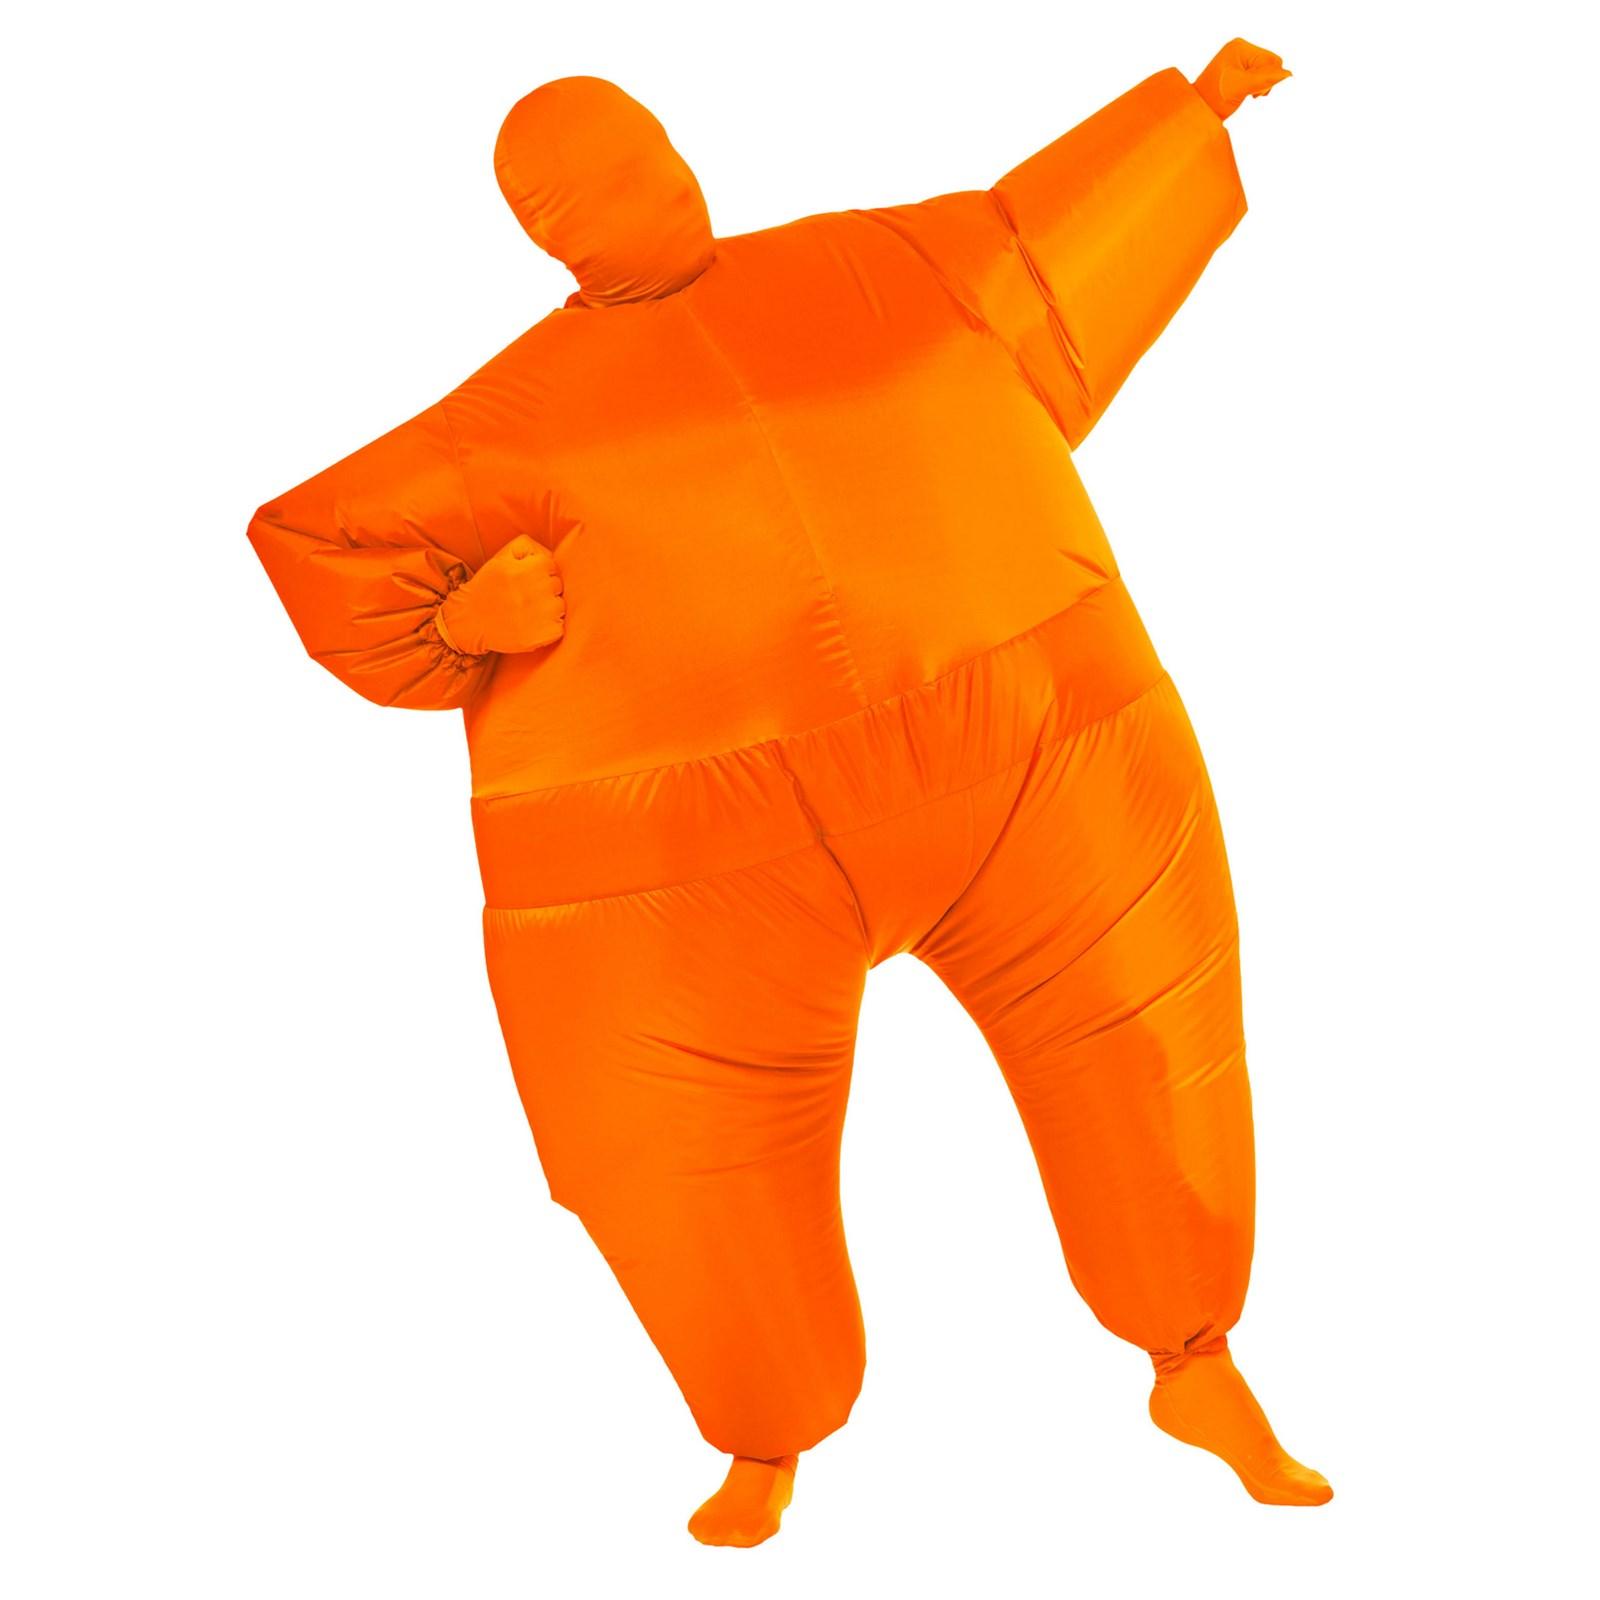 Orange Inflatable Adult Costume